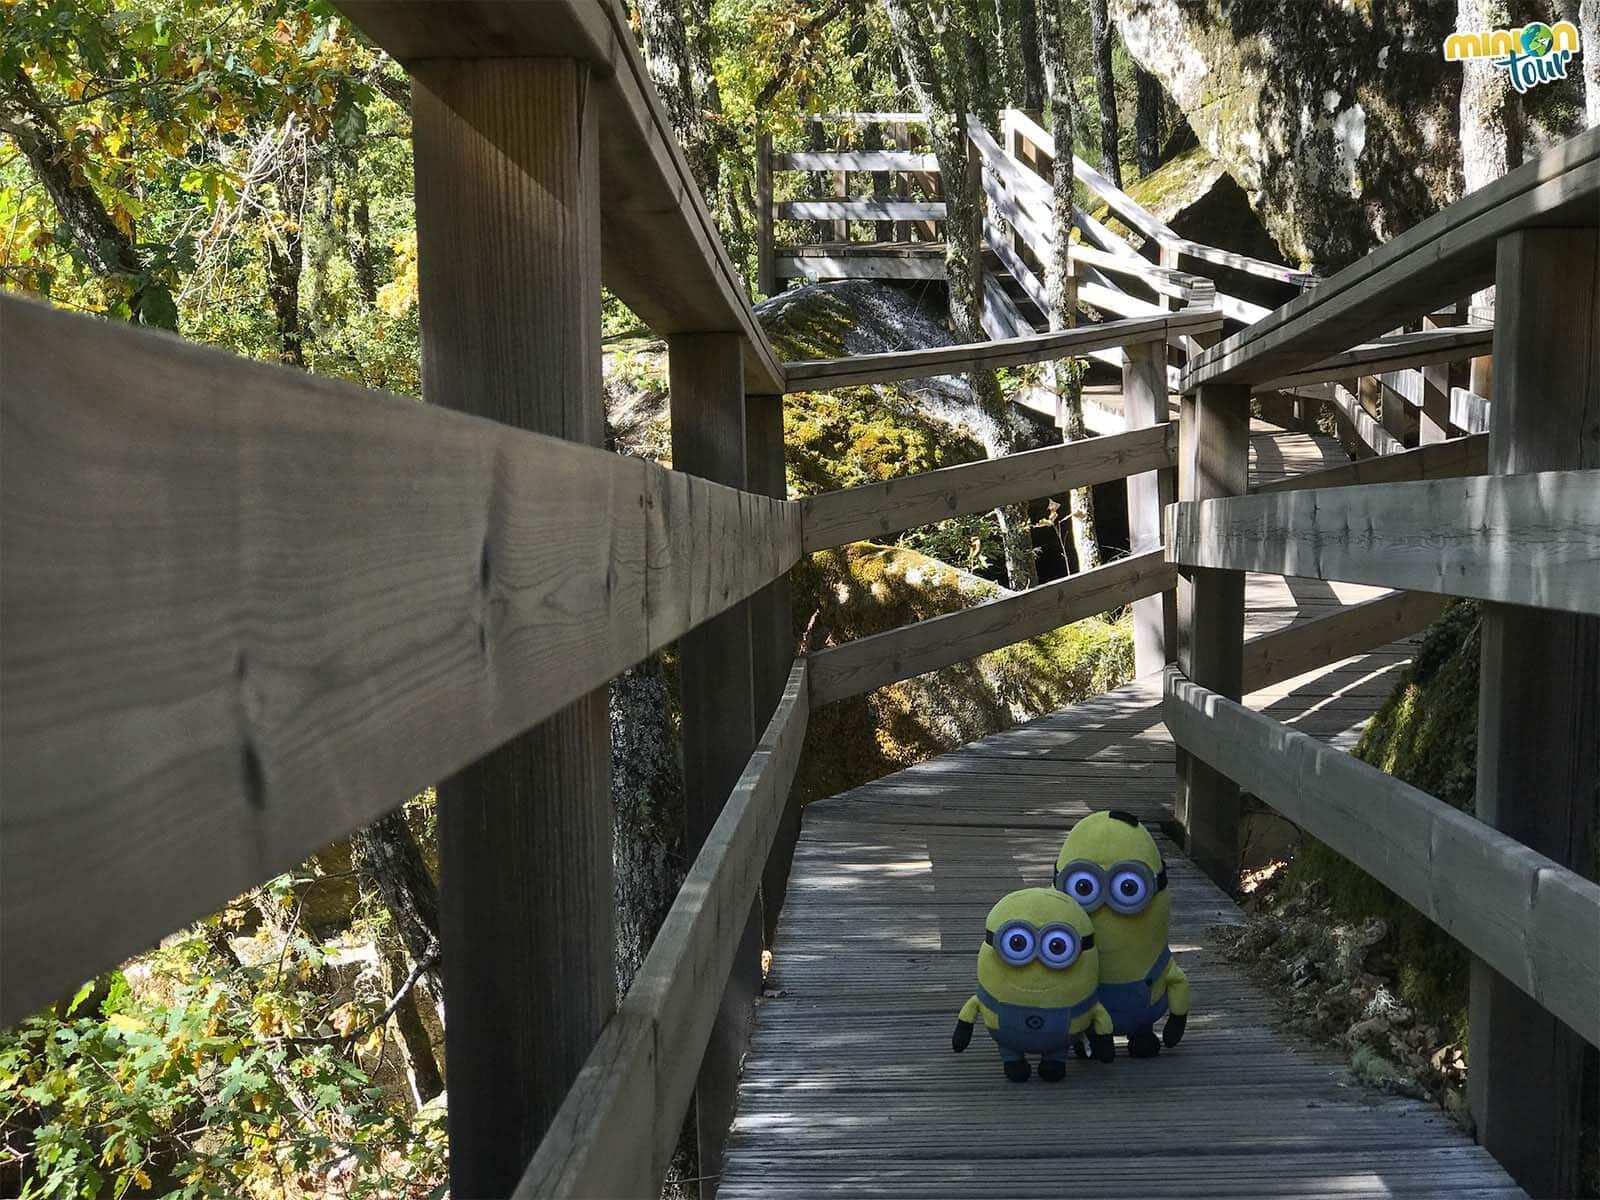 Cruzando por las pasarelas de la ruta de A Cántara da Moura